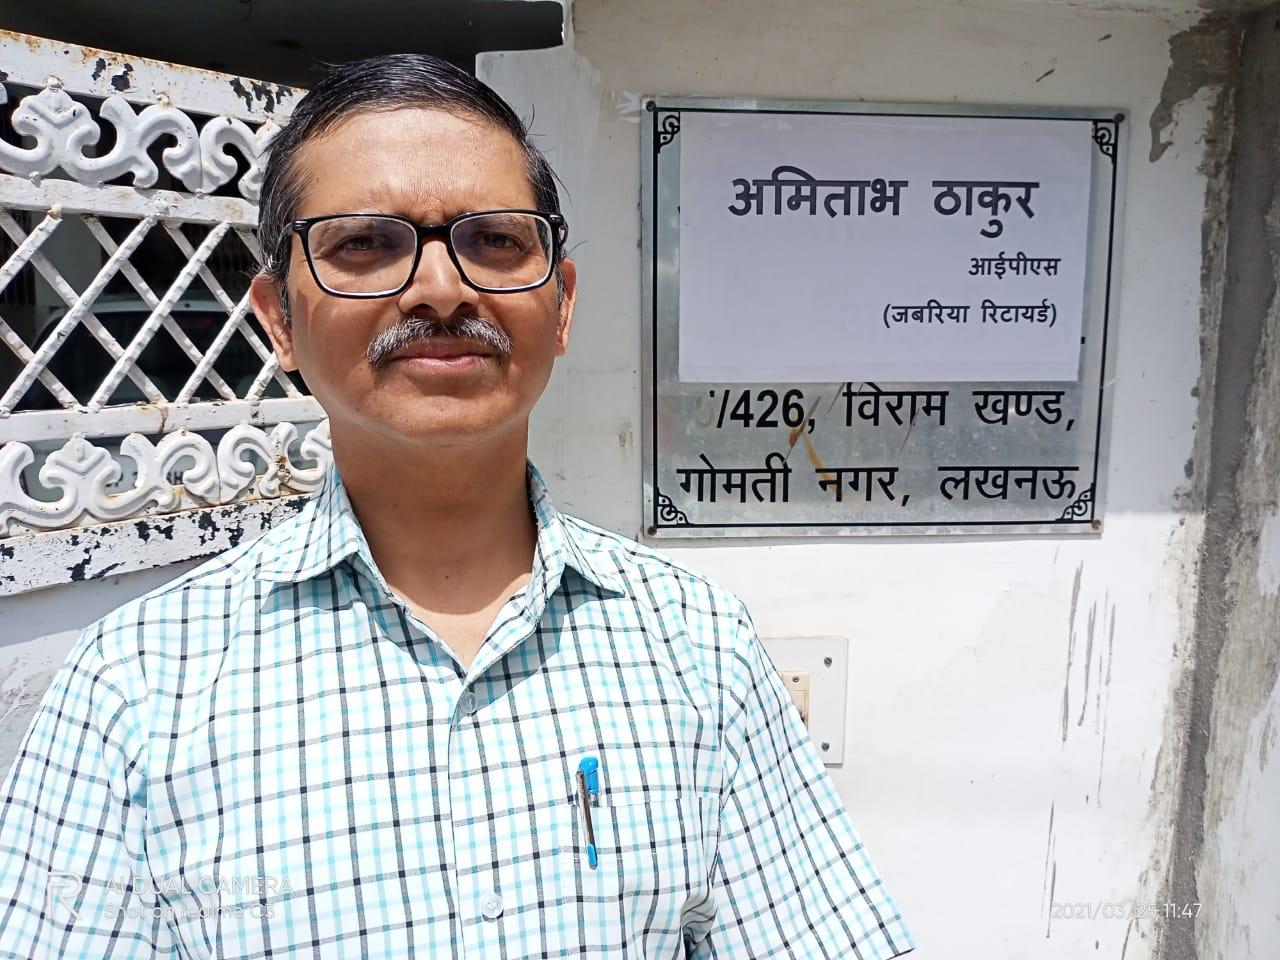 अमिताभ ठाकुर ने अपने घर के बाहर लगाया 'जबरिया रिटायर' का बोर्ड